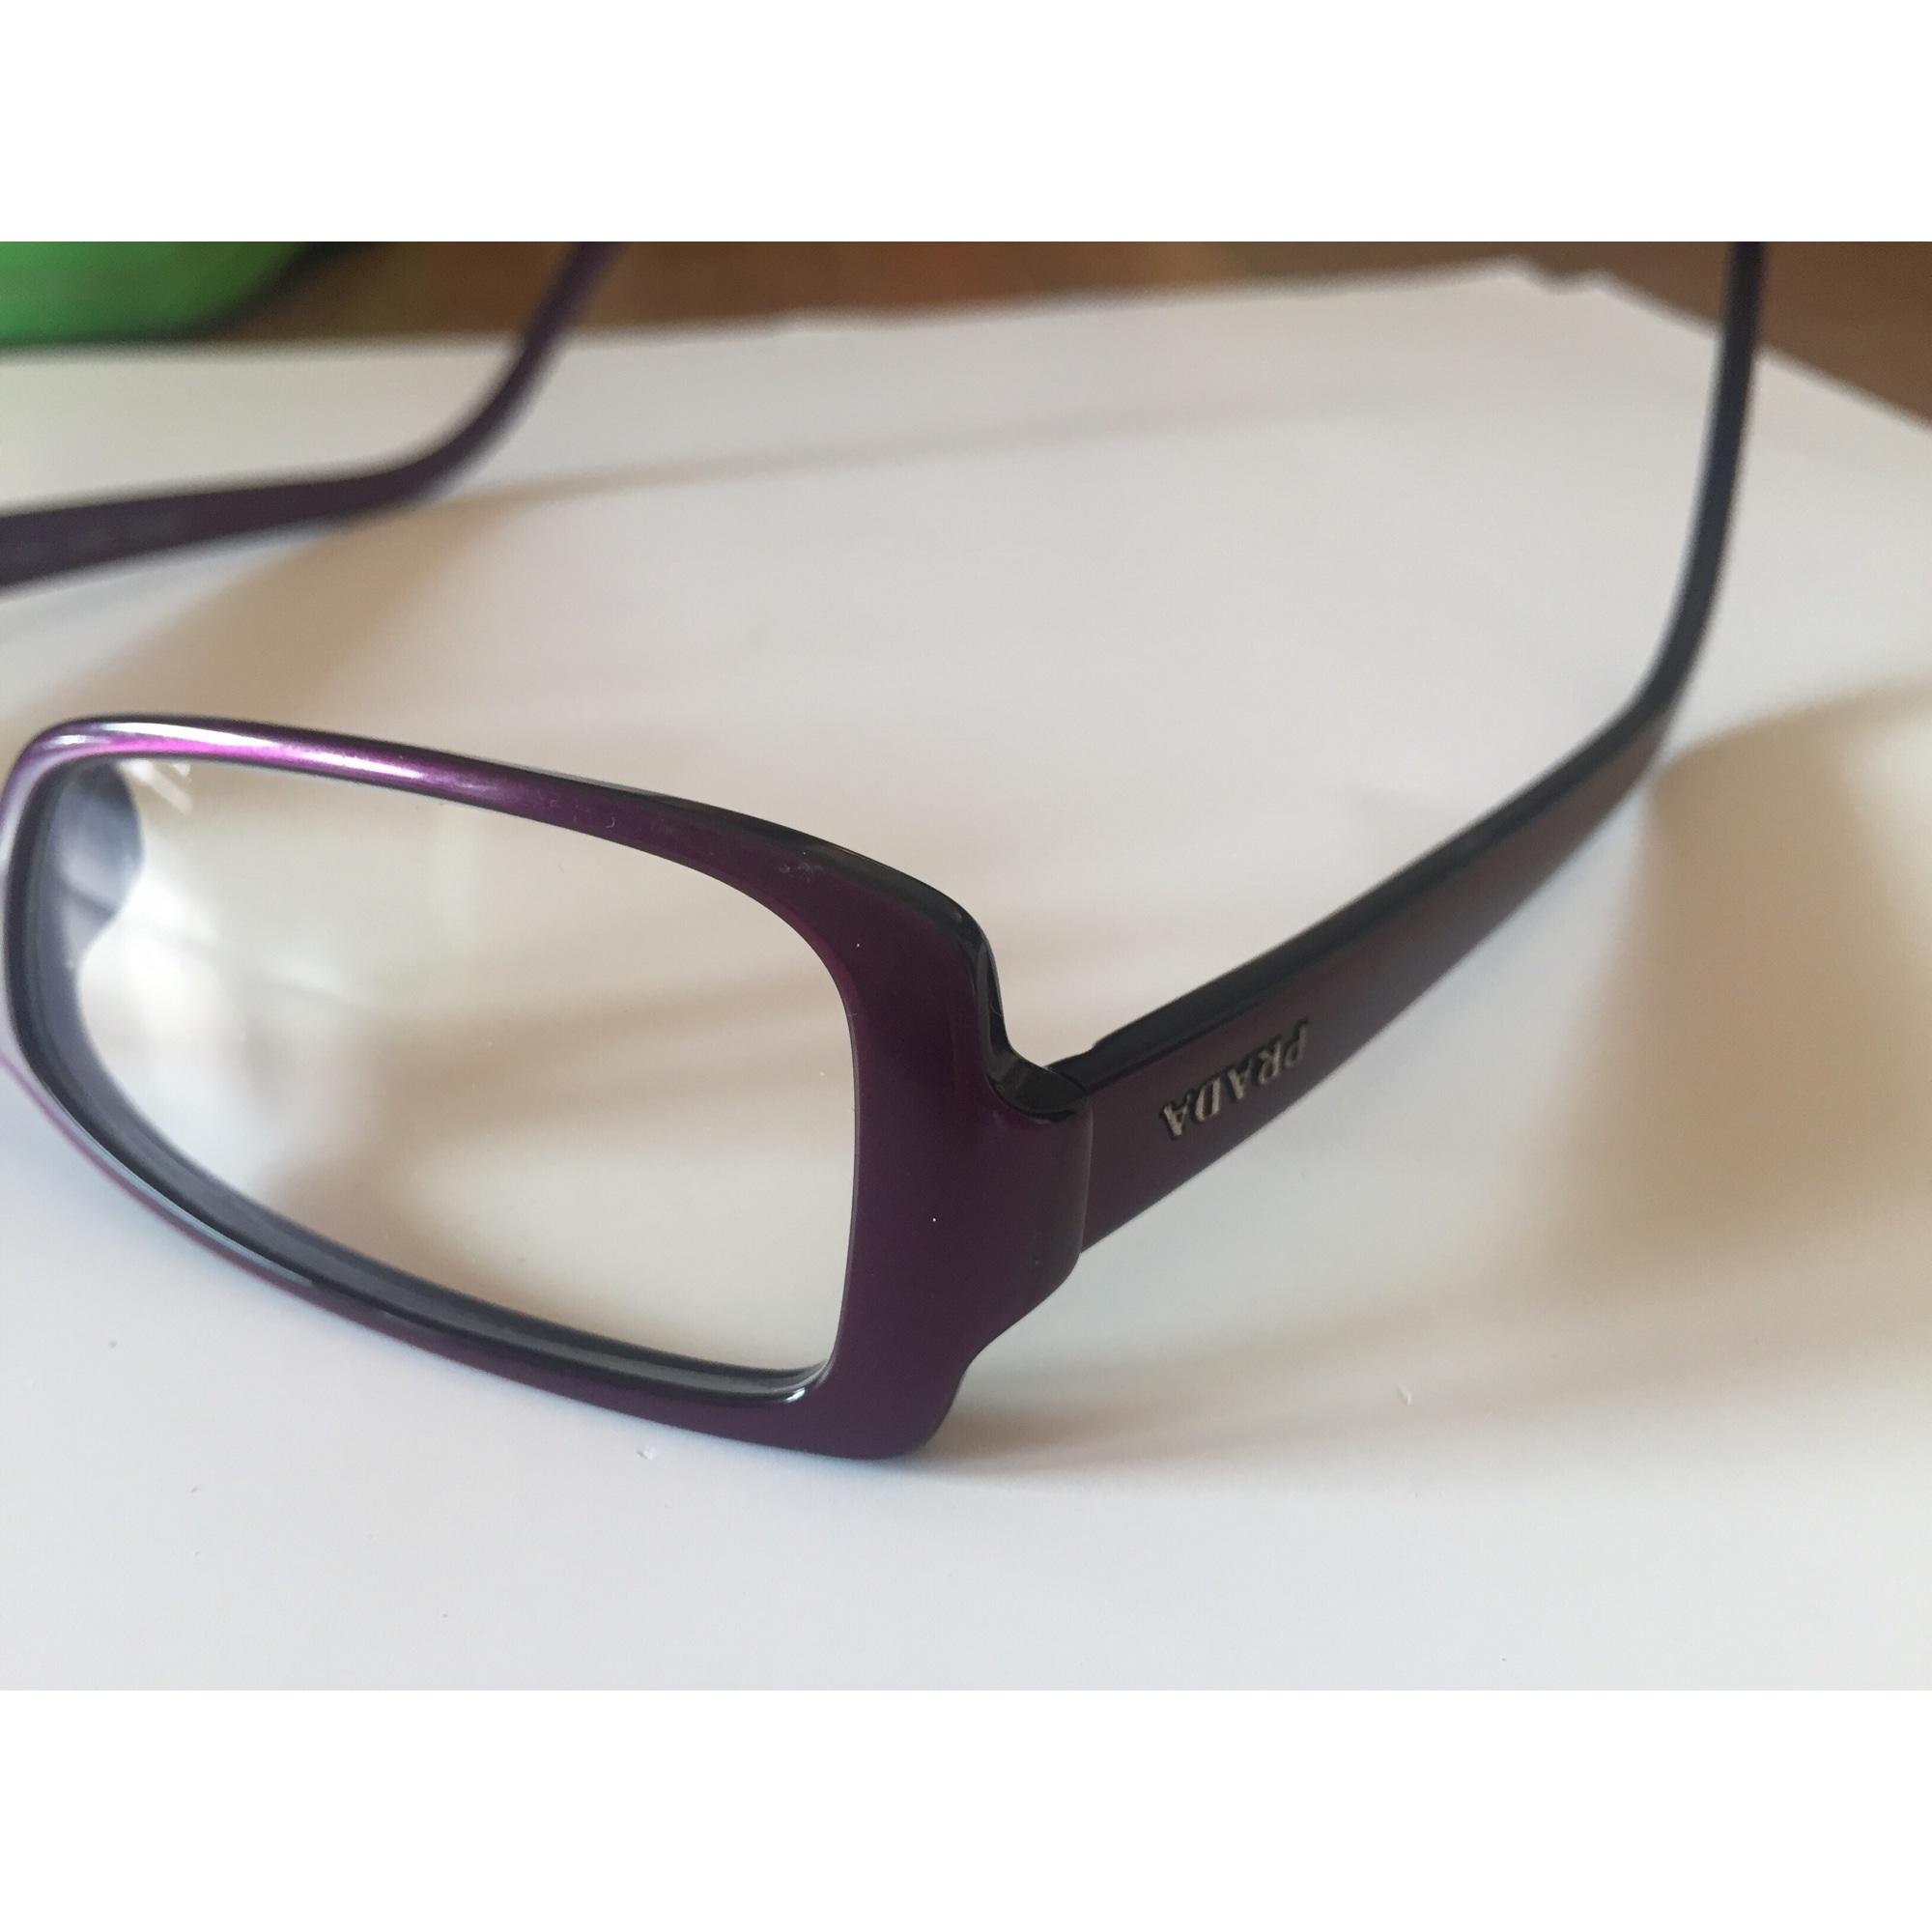 f9af81629bff0 Monture de lunettes PRADA violet - 7524979